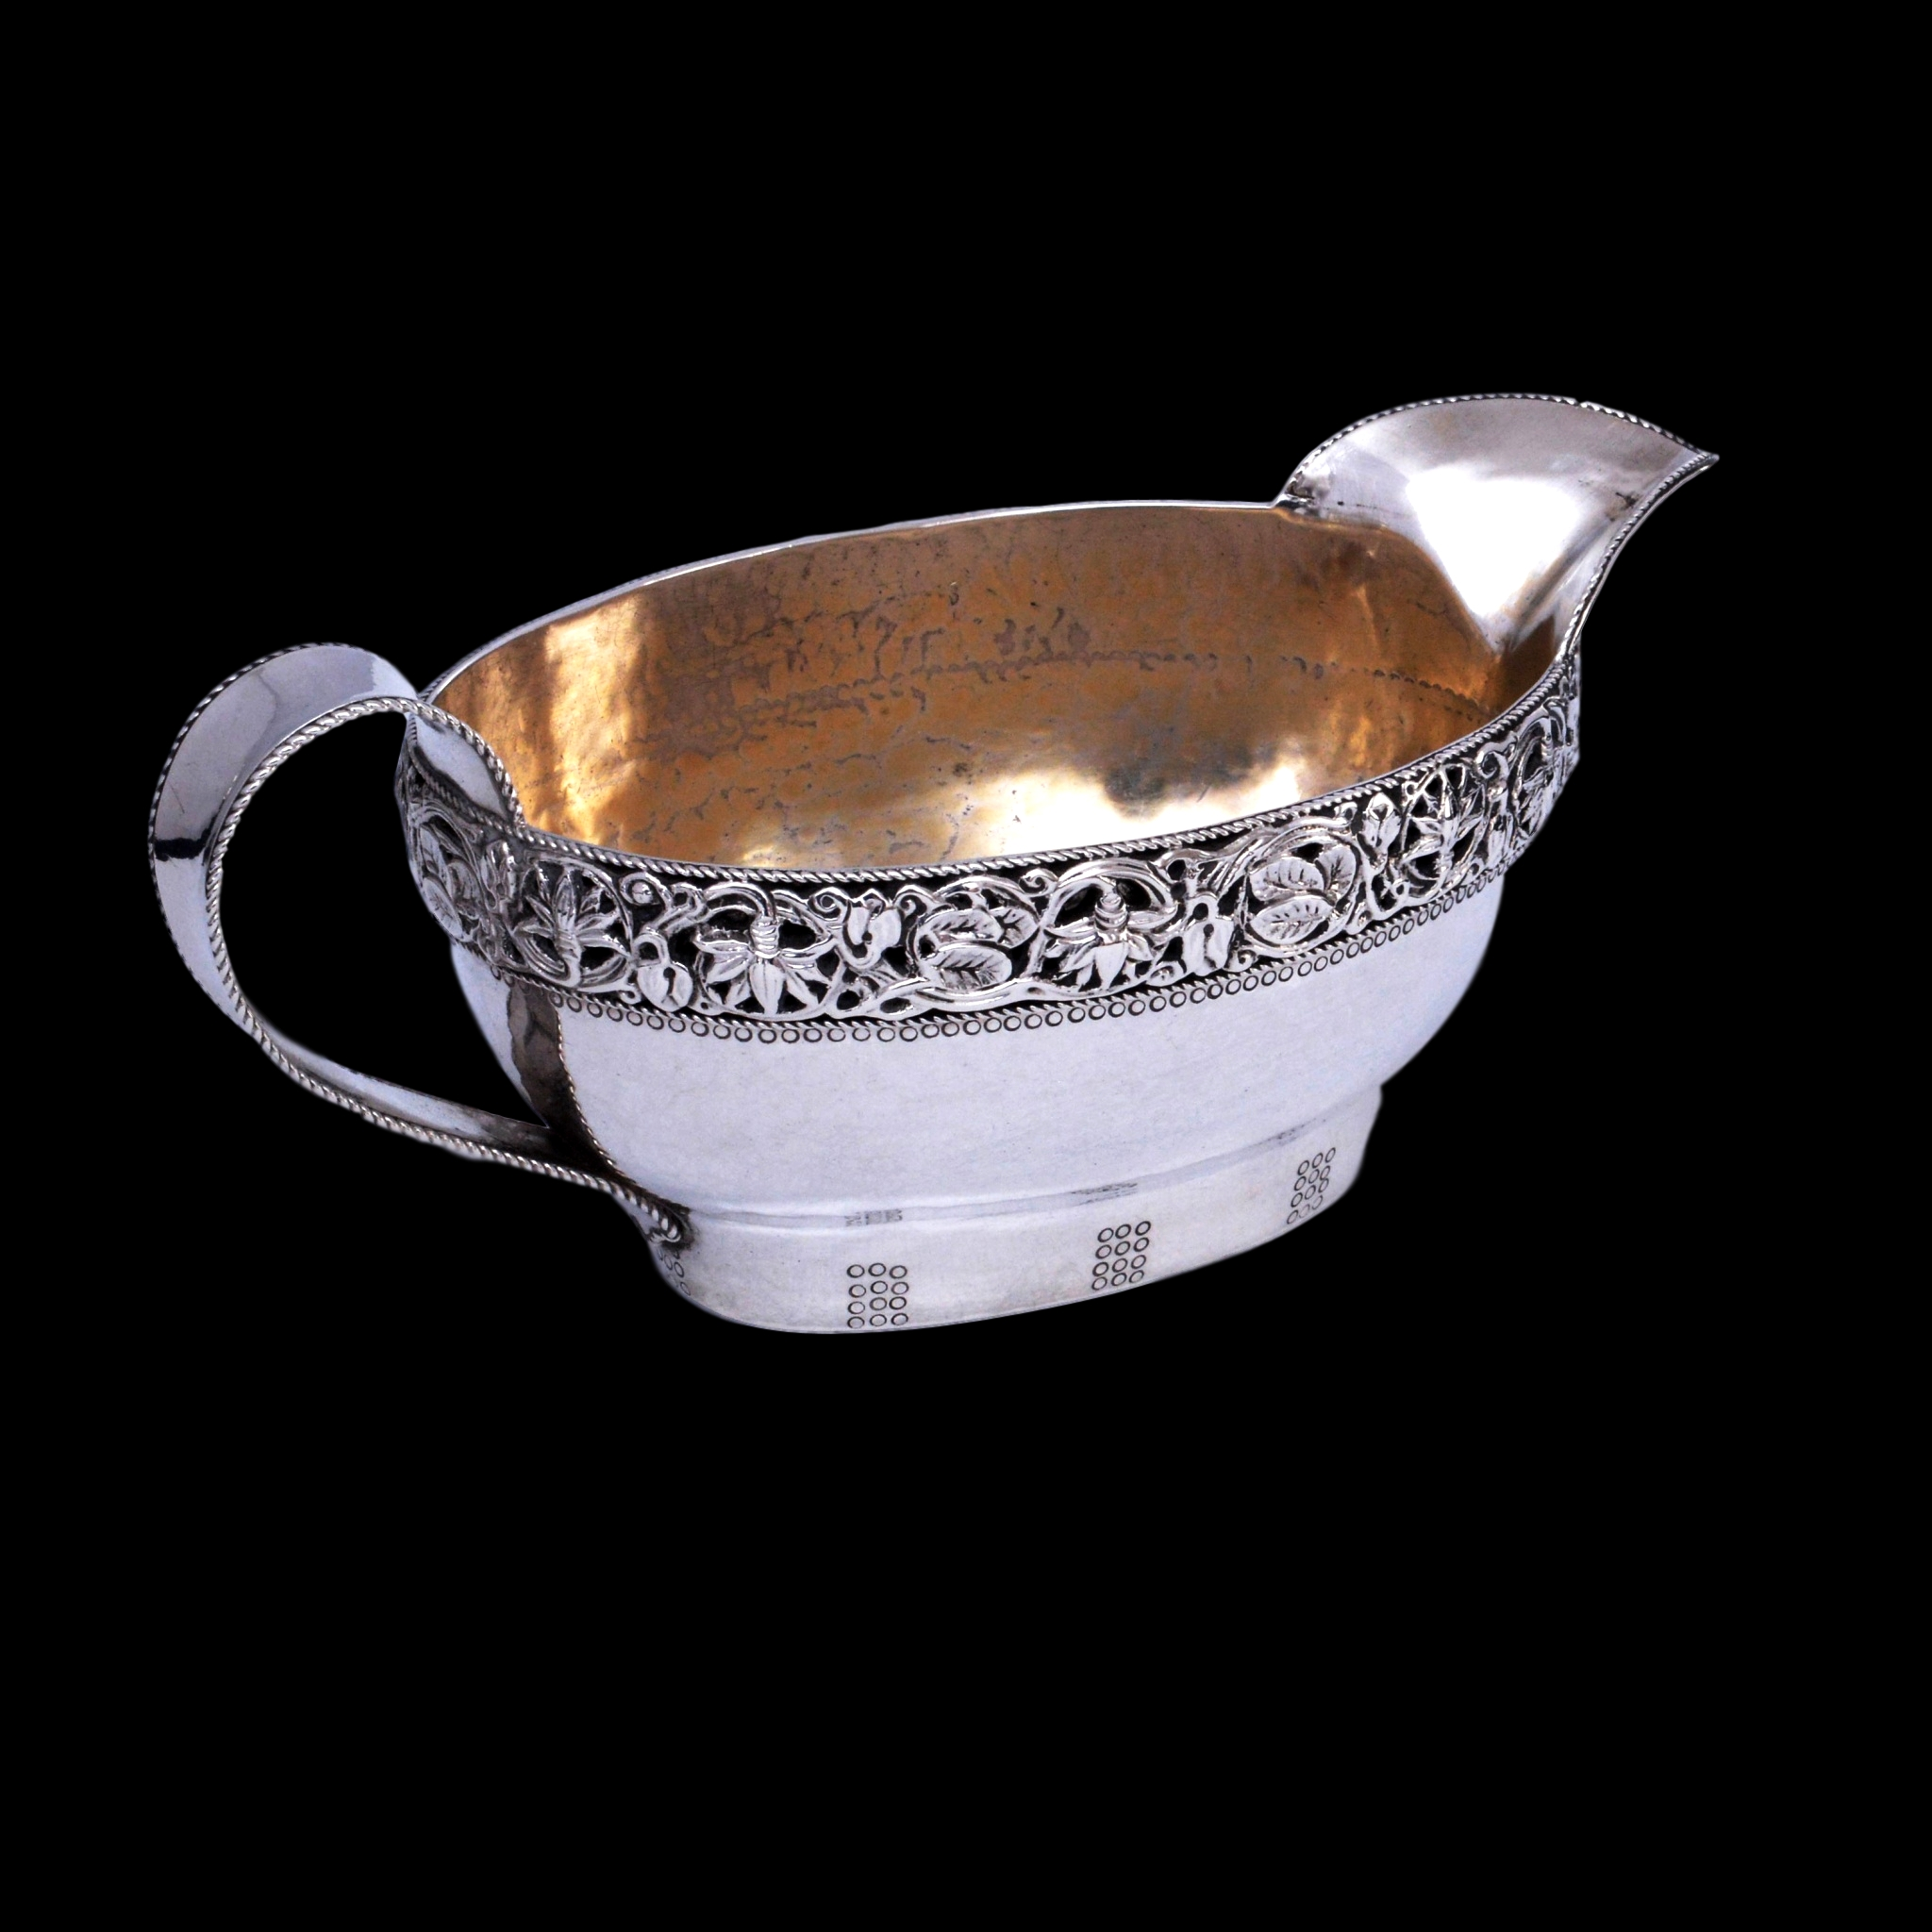 Artficers Guild silver